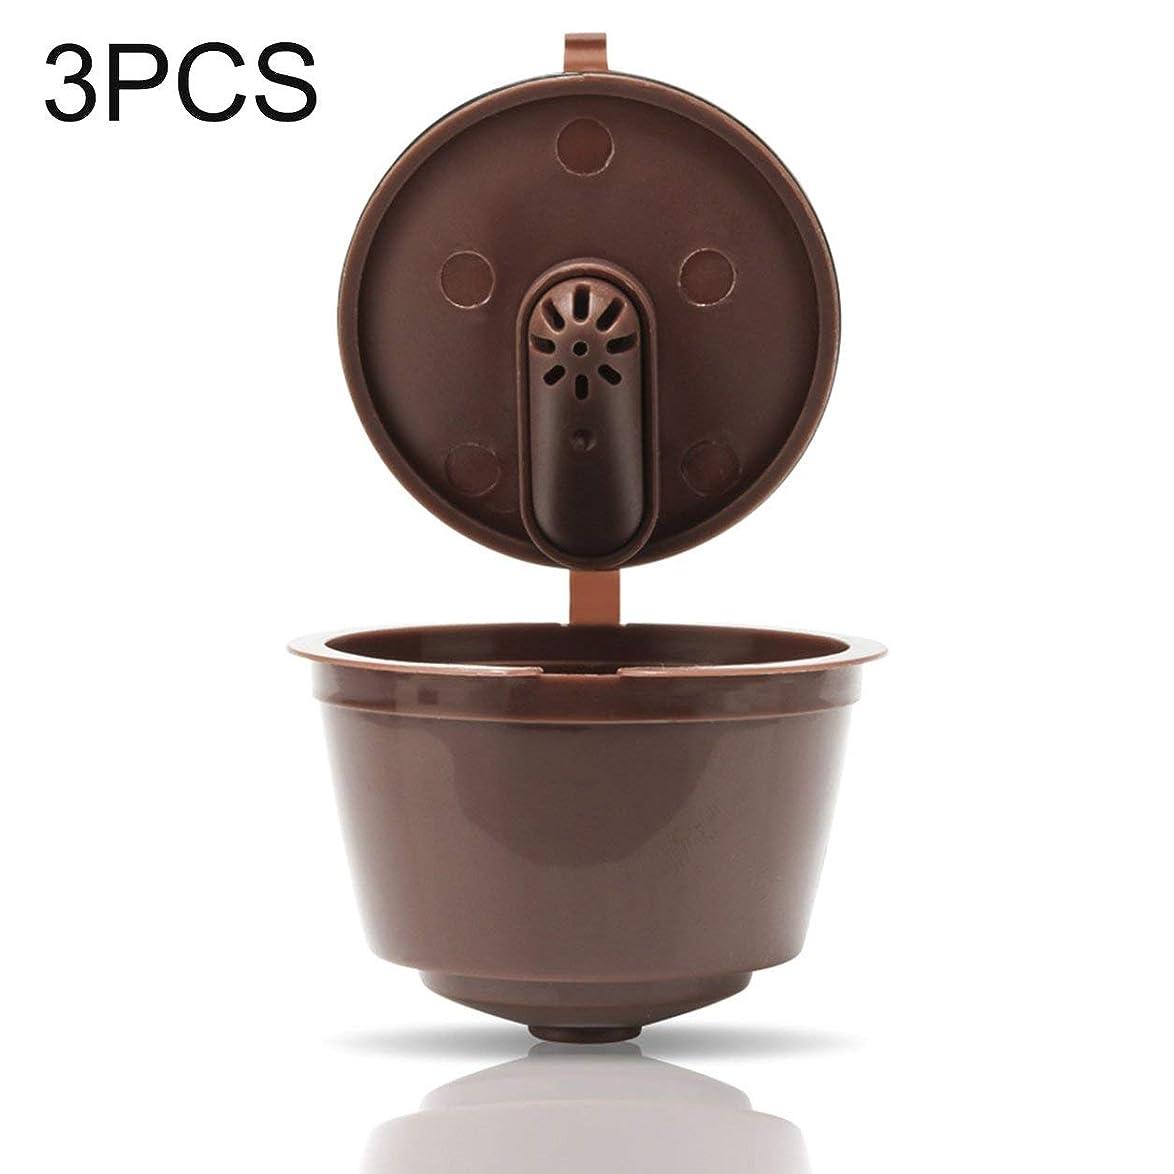 刺激する鮮やかな小説家Saikogoods 更新されたバージョン コーヒーカプセル 詰め替え再利用可能 コーヒーカップ コーヒーバスケット コーヒーメーカー キッチンツールをフィルター ダークブラウン 3PCS